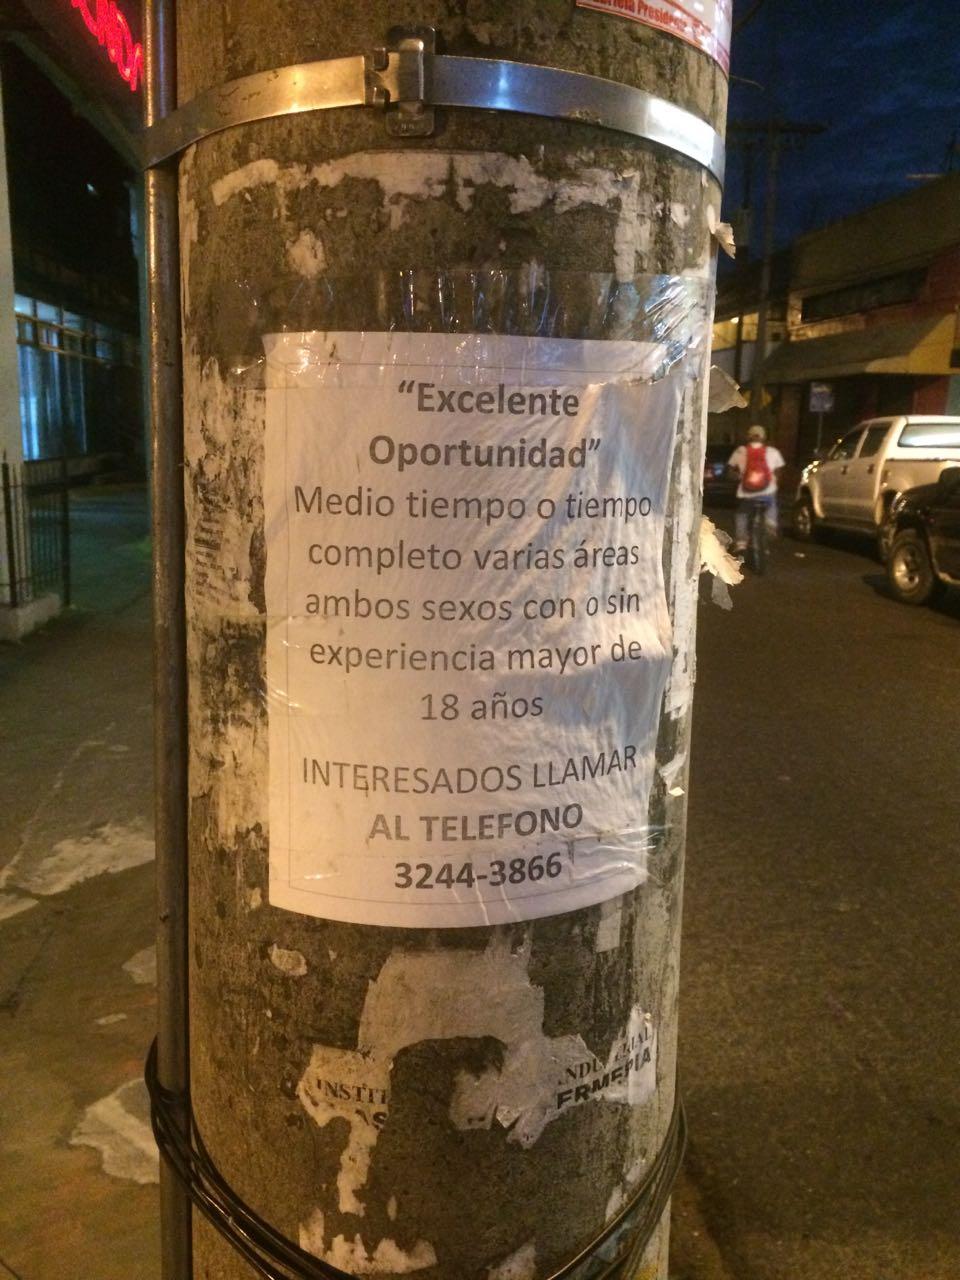 Cartel encontrado en una calle de San Pedro Sula.